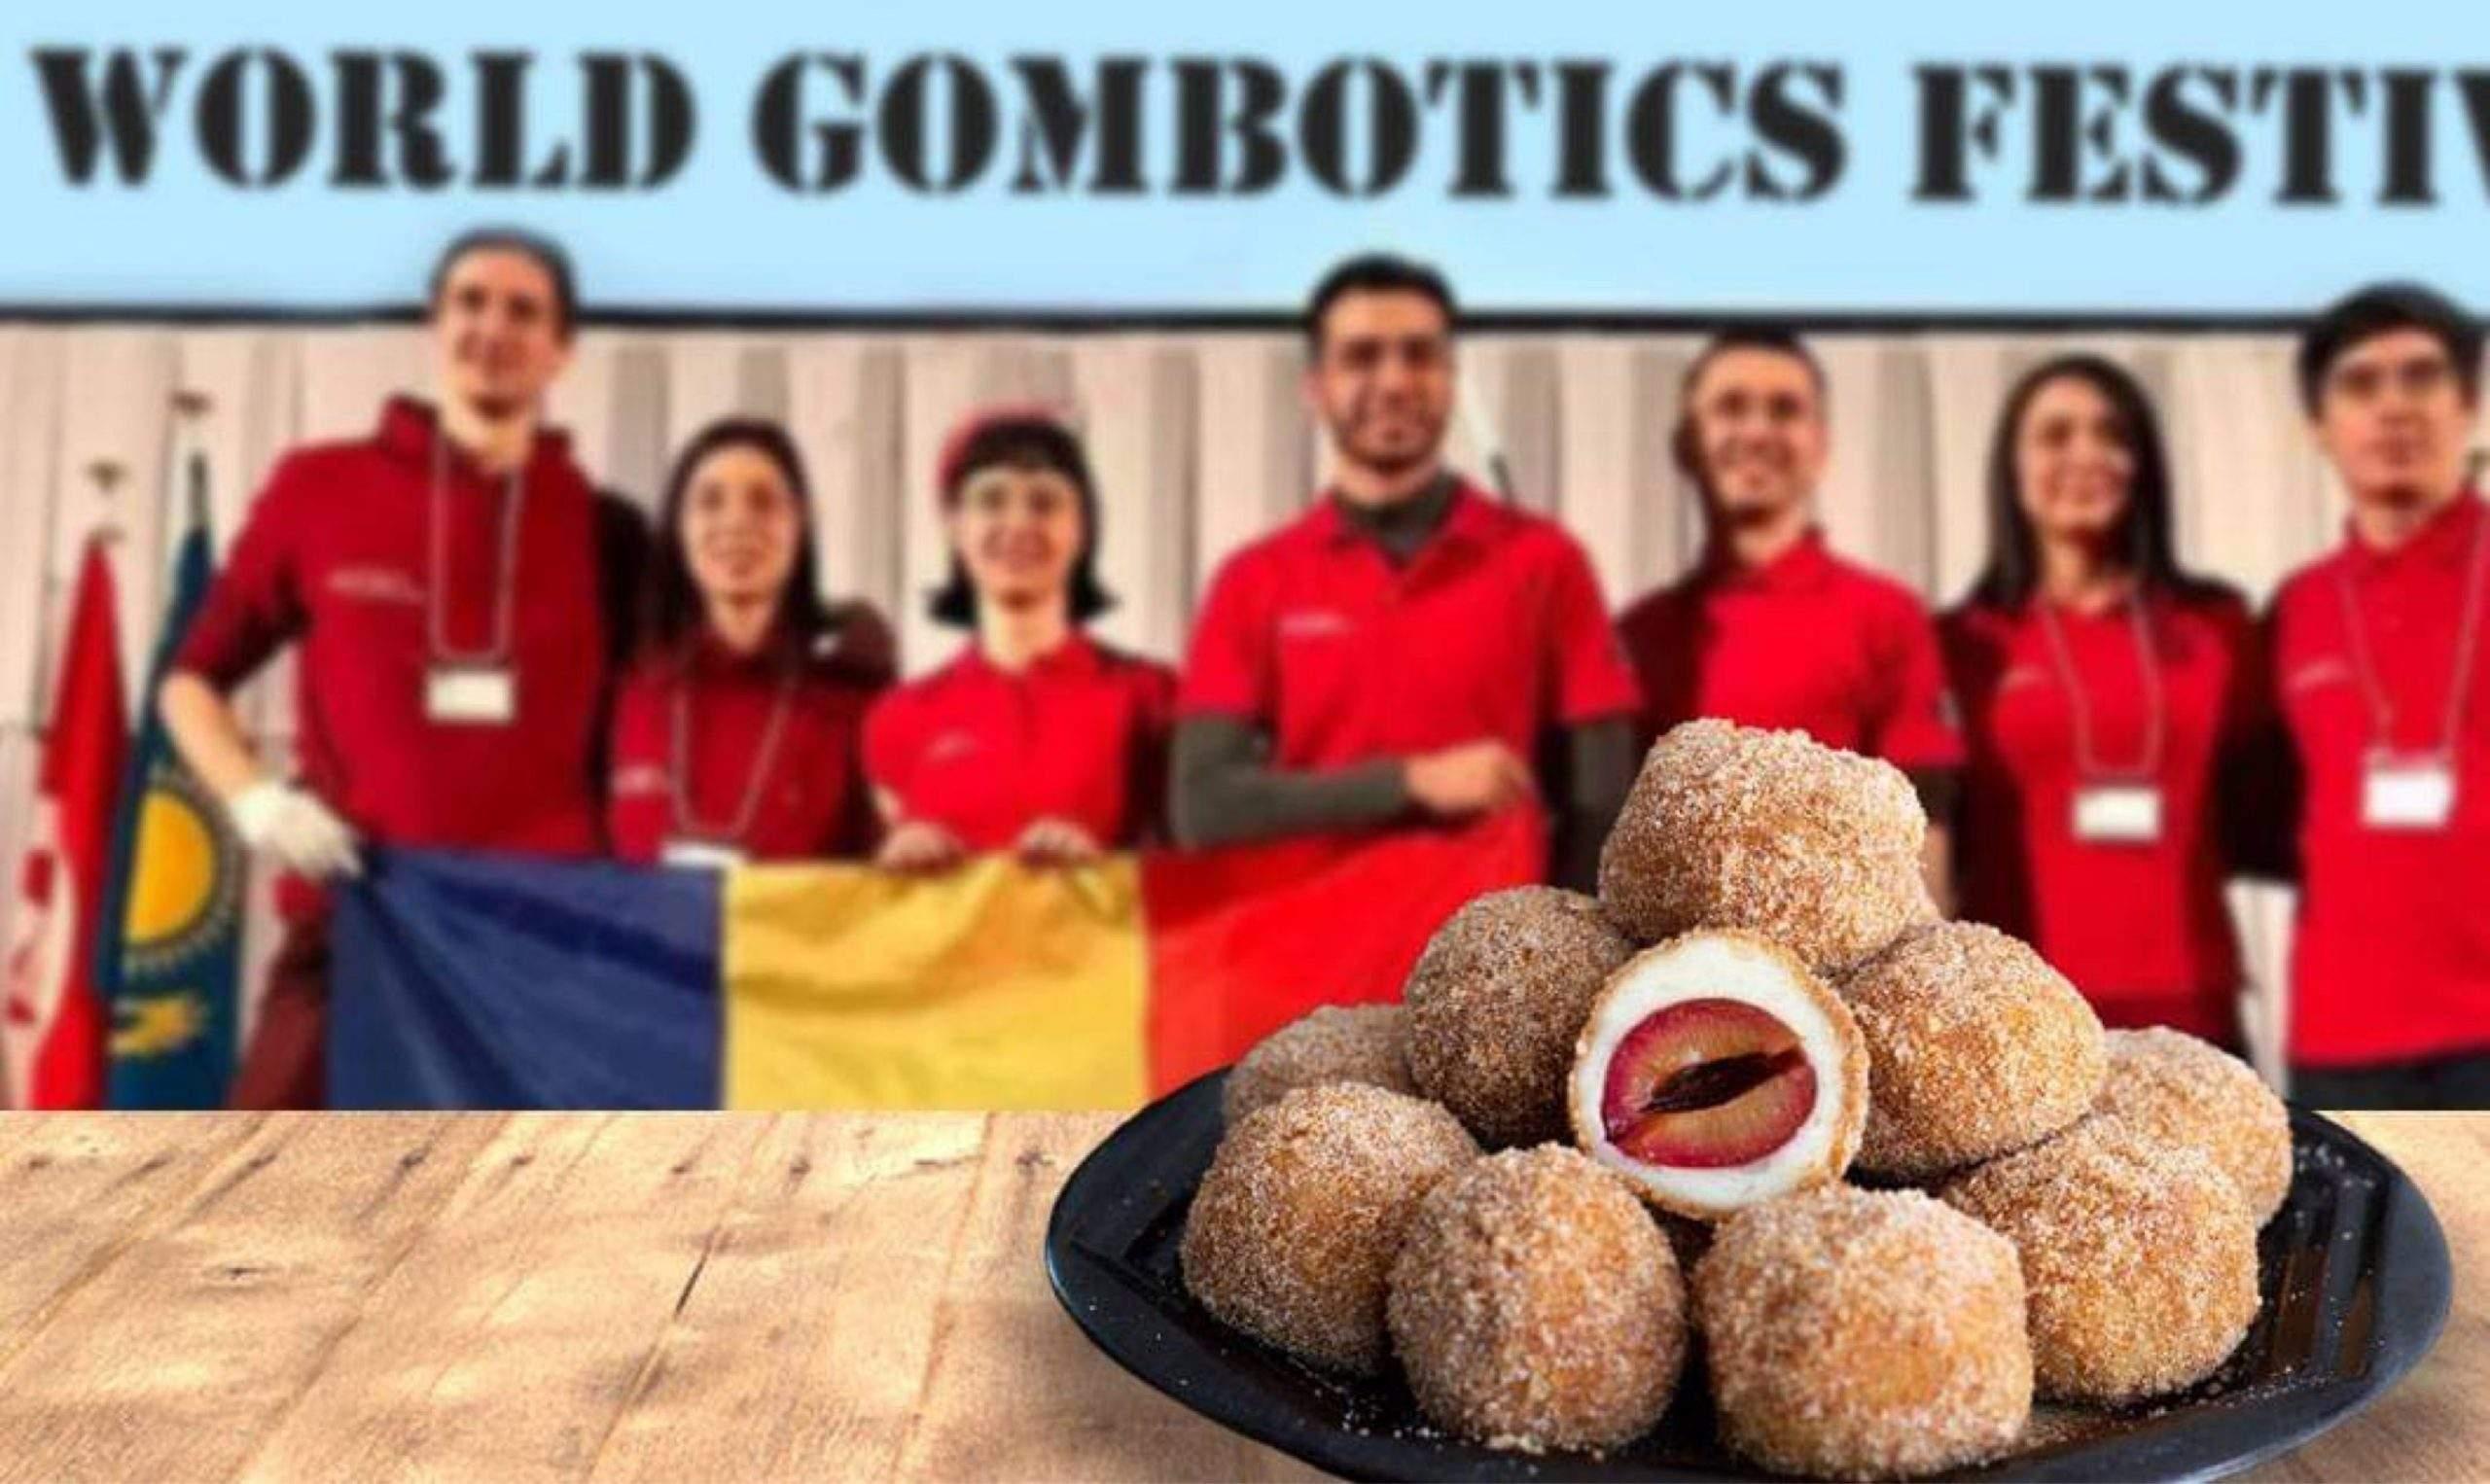 O rețetă românească de gomboți cu prune, locul I la Salonul Internațional de Gombotică